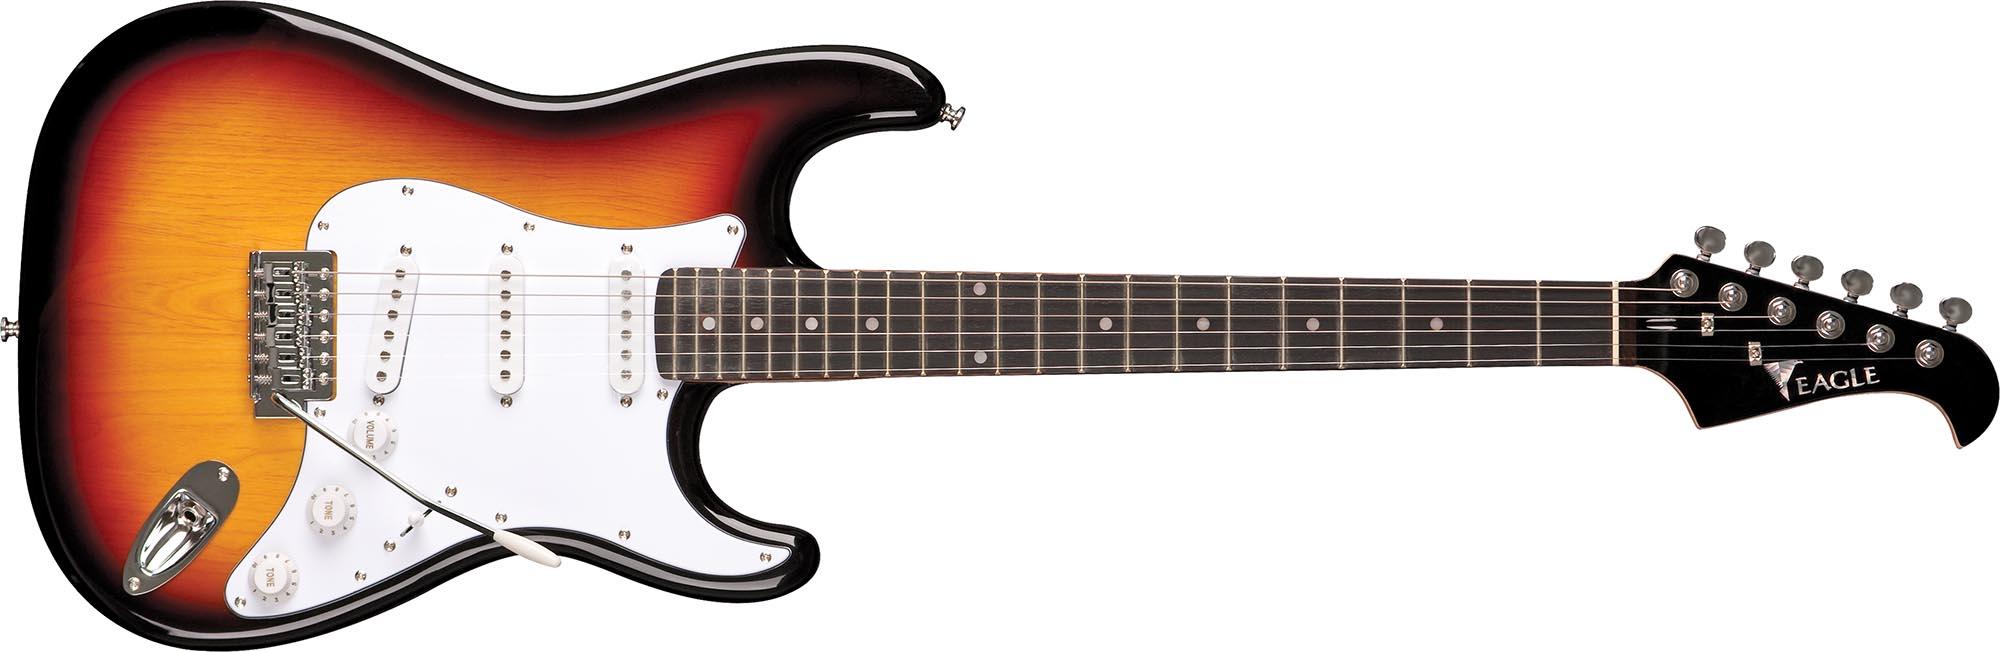 sts001 guitarra eletrica stratocaster captador simgle eagle sts001 sb sunburst visao frontal